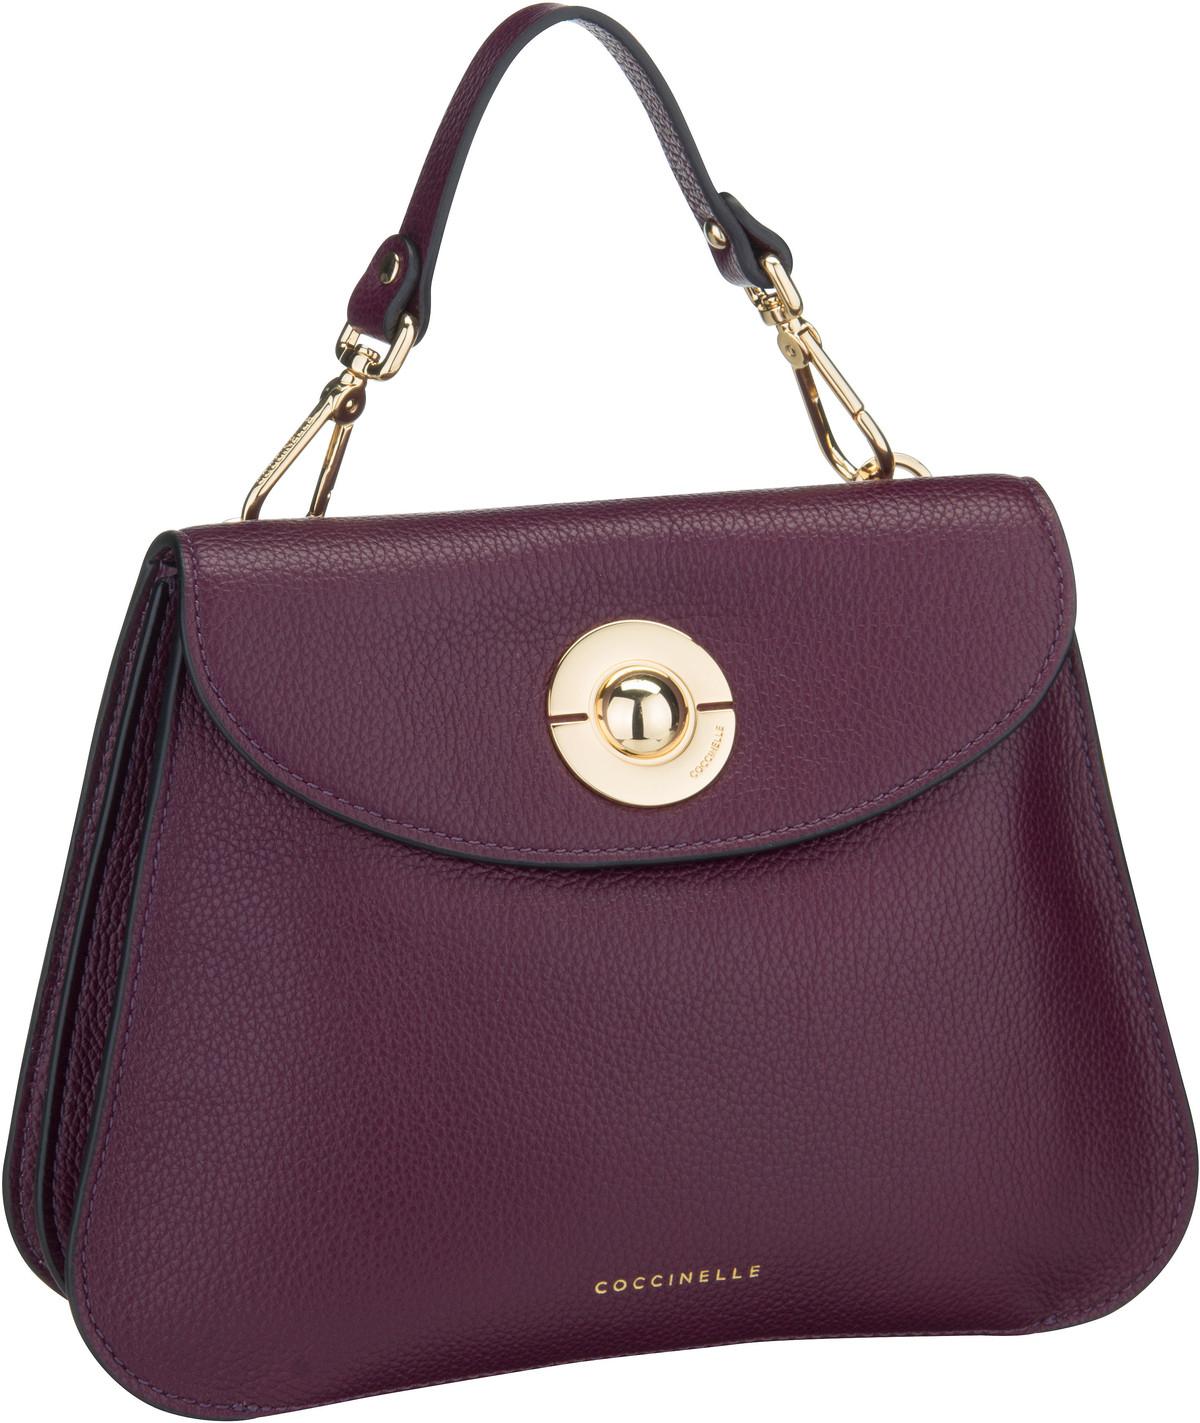 Handtasche Jalouse 5501 Plum